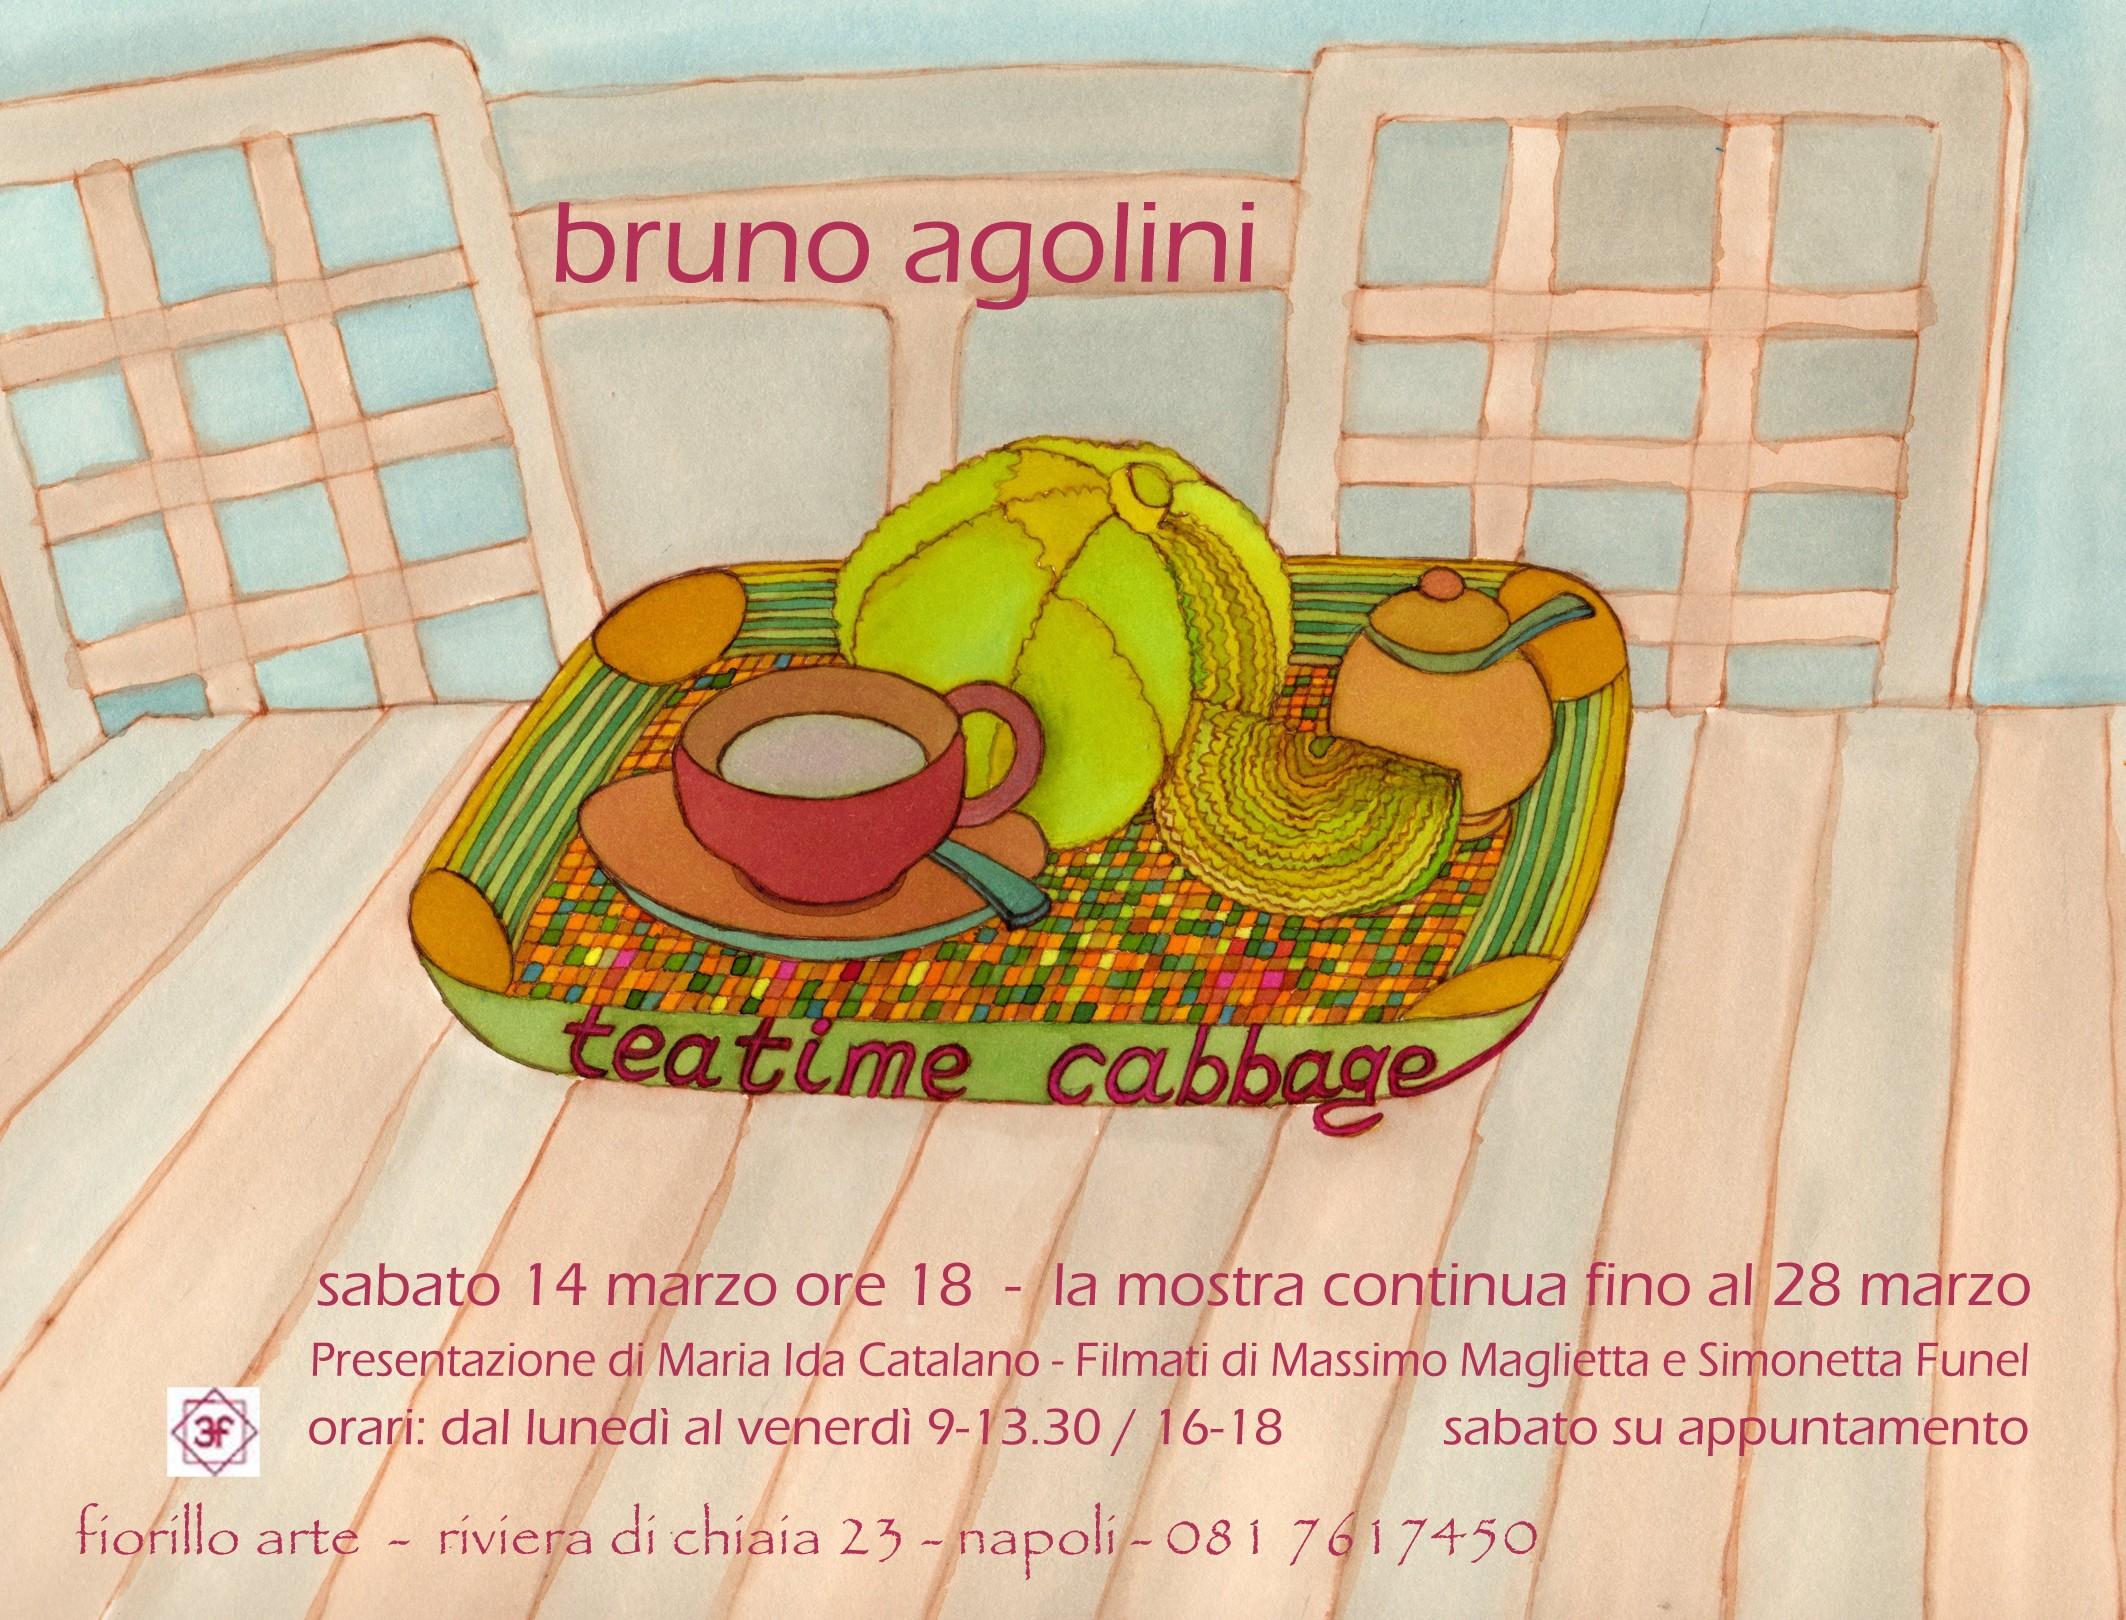 Invito_bruno_agolini